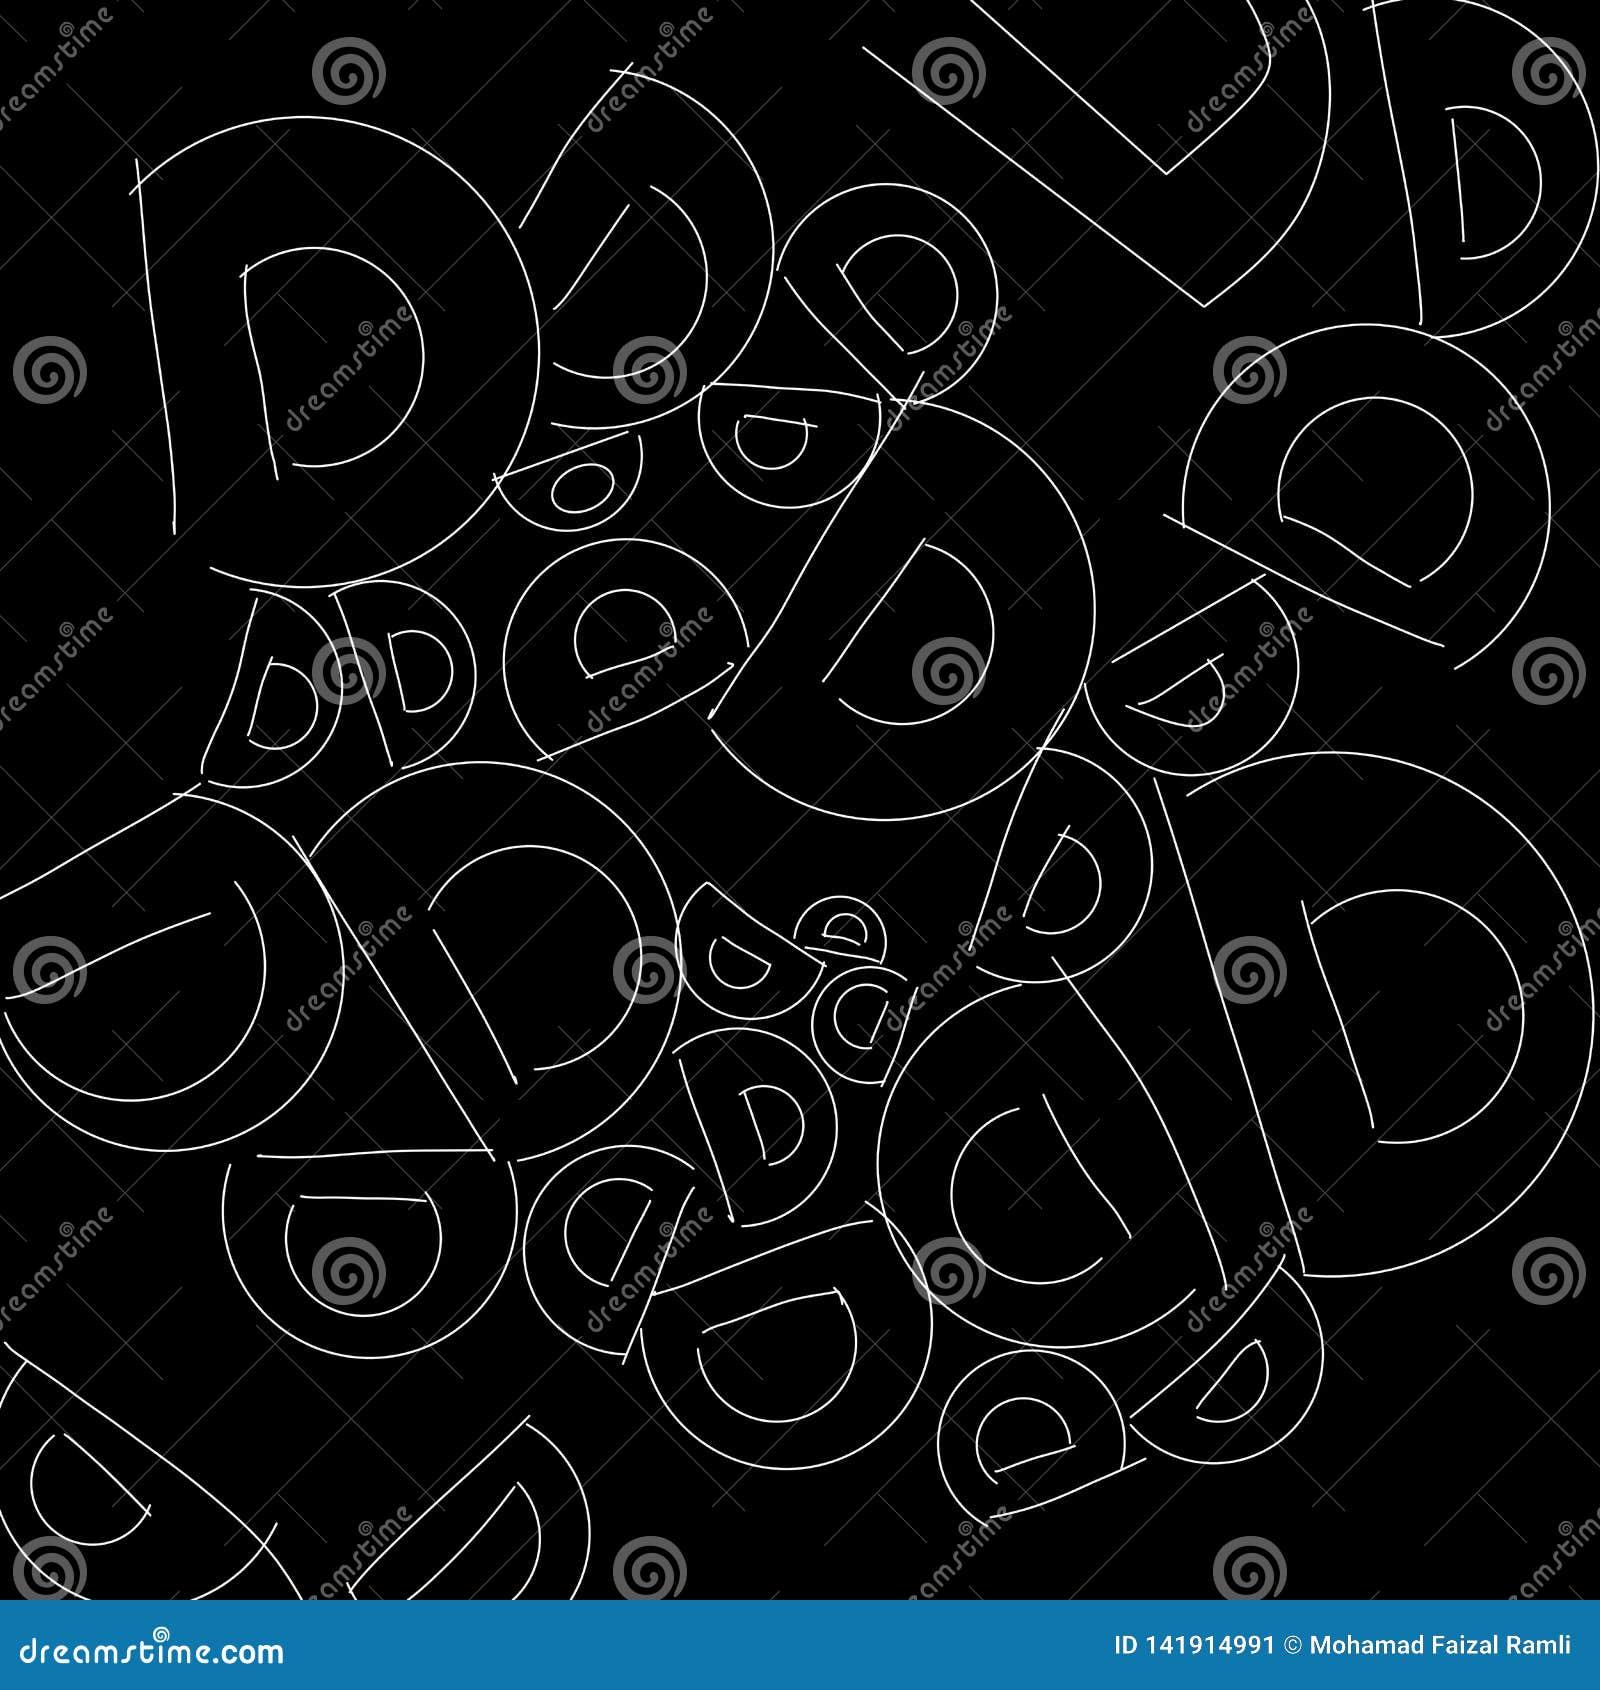 Abstraktes Schwarzweiss-Muster des Alphabetbuchstaben D als Illustrationshintergrund und -tapete